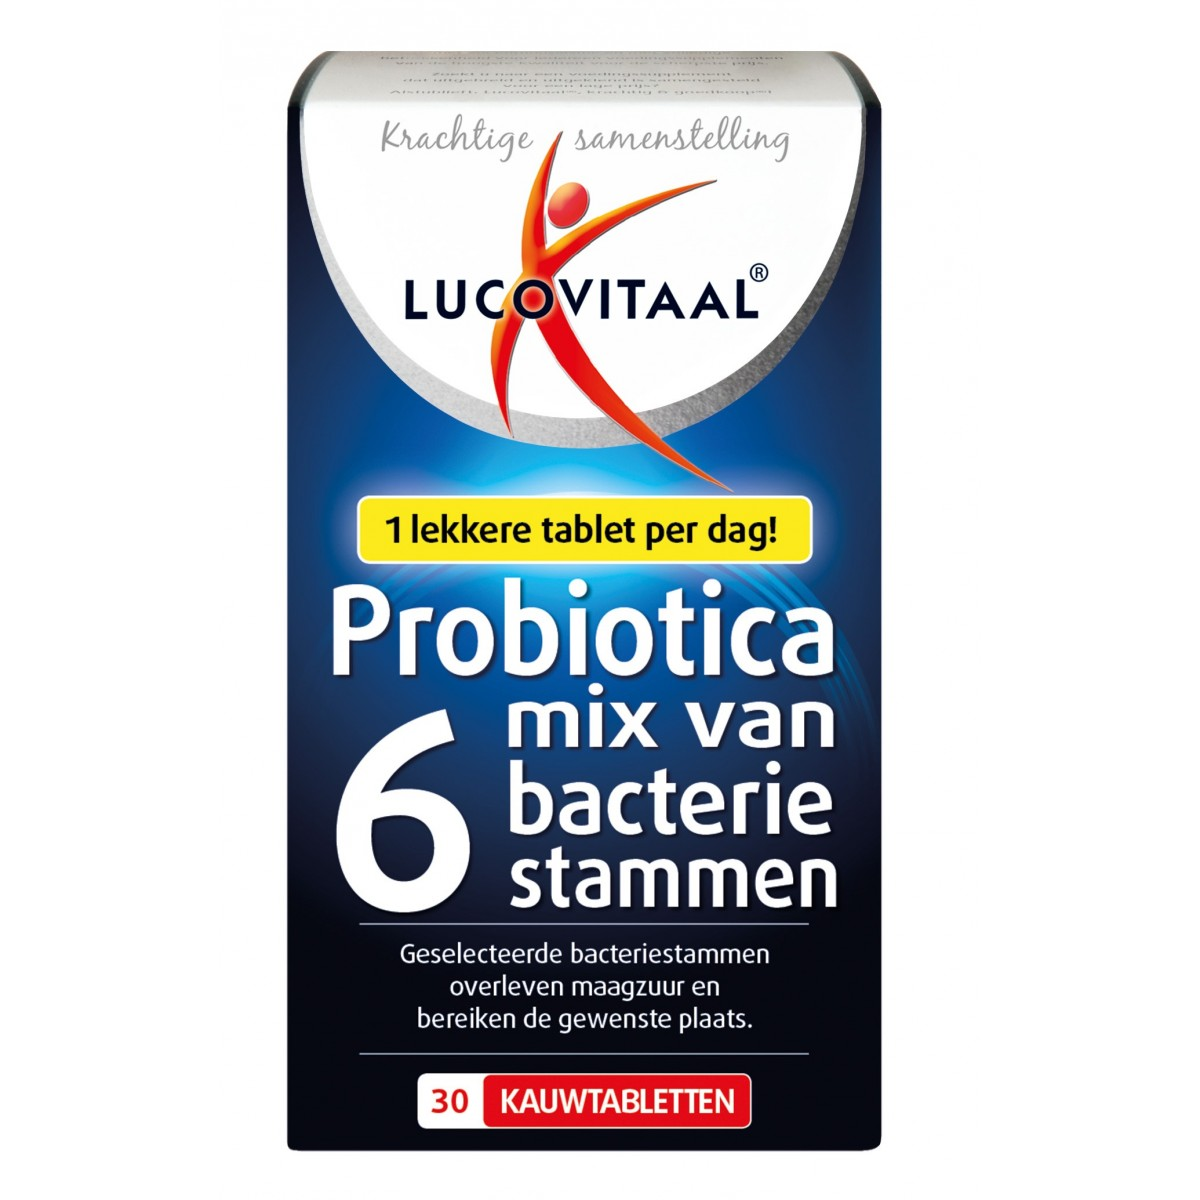 Probiotica Mix Van 6 Bacterie Stammen